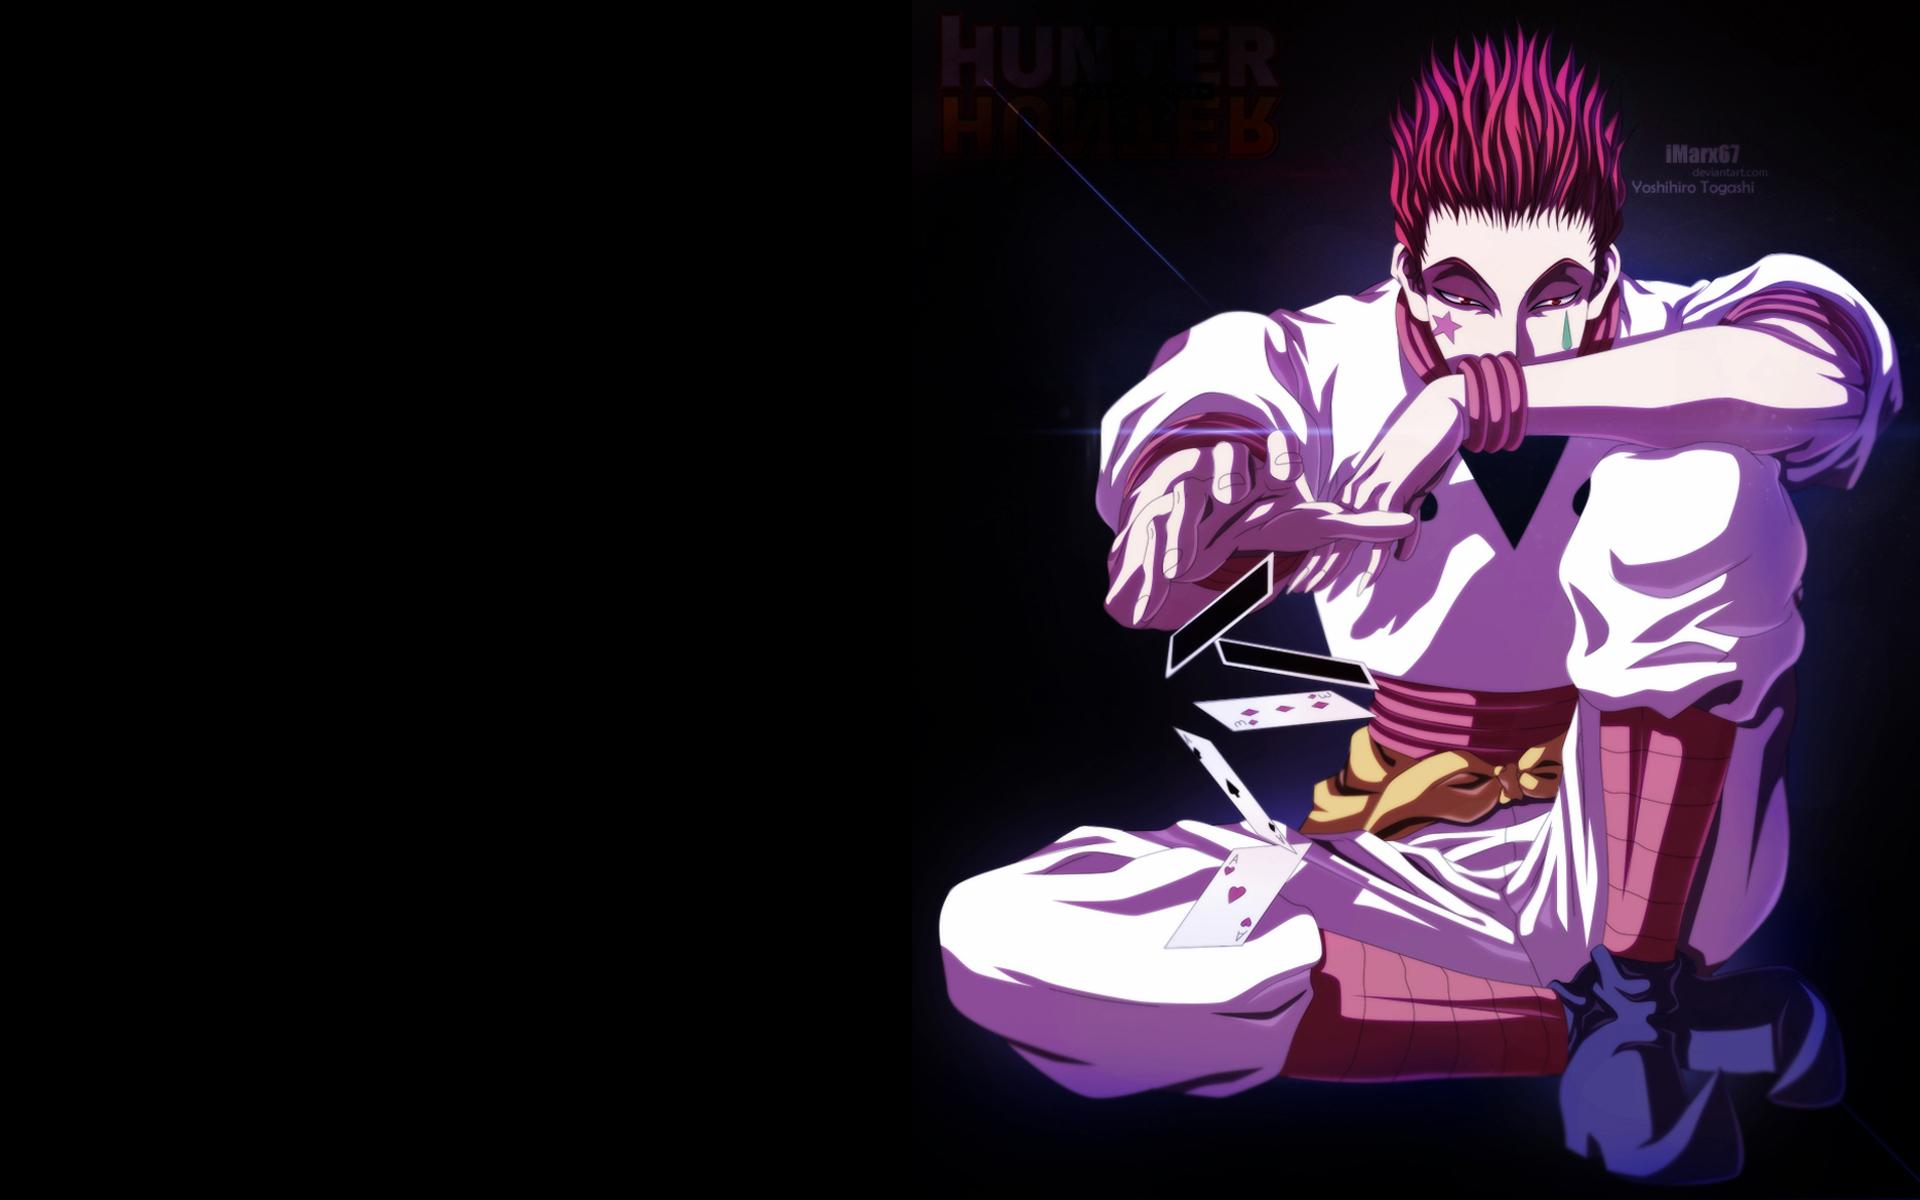 Hisoka Iphone Wallpaper Hunter X Hunter Full Hd Papel De Parede And Planos De